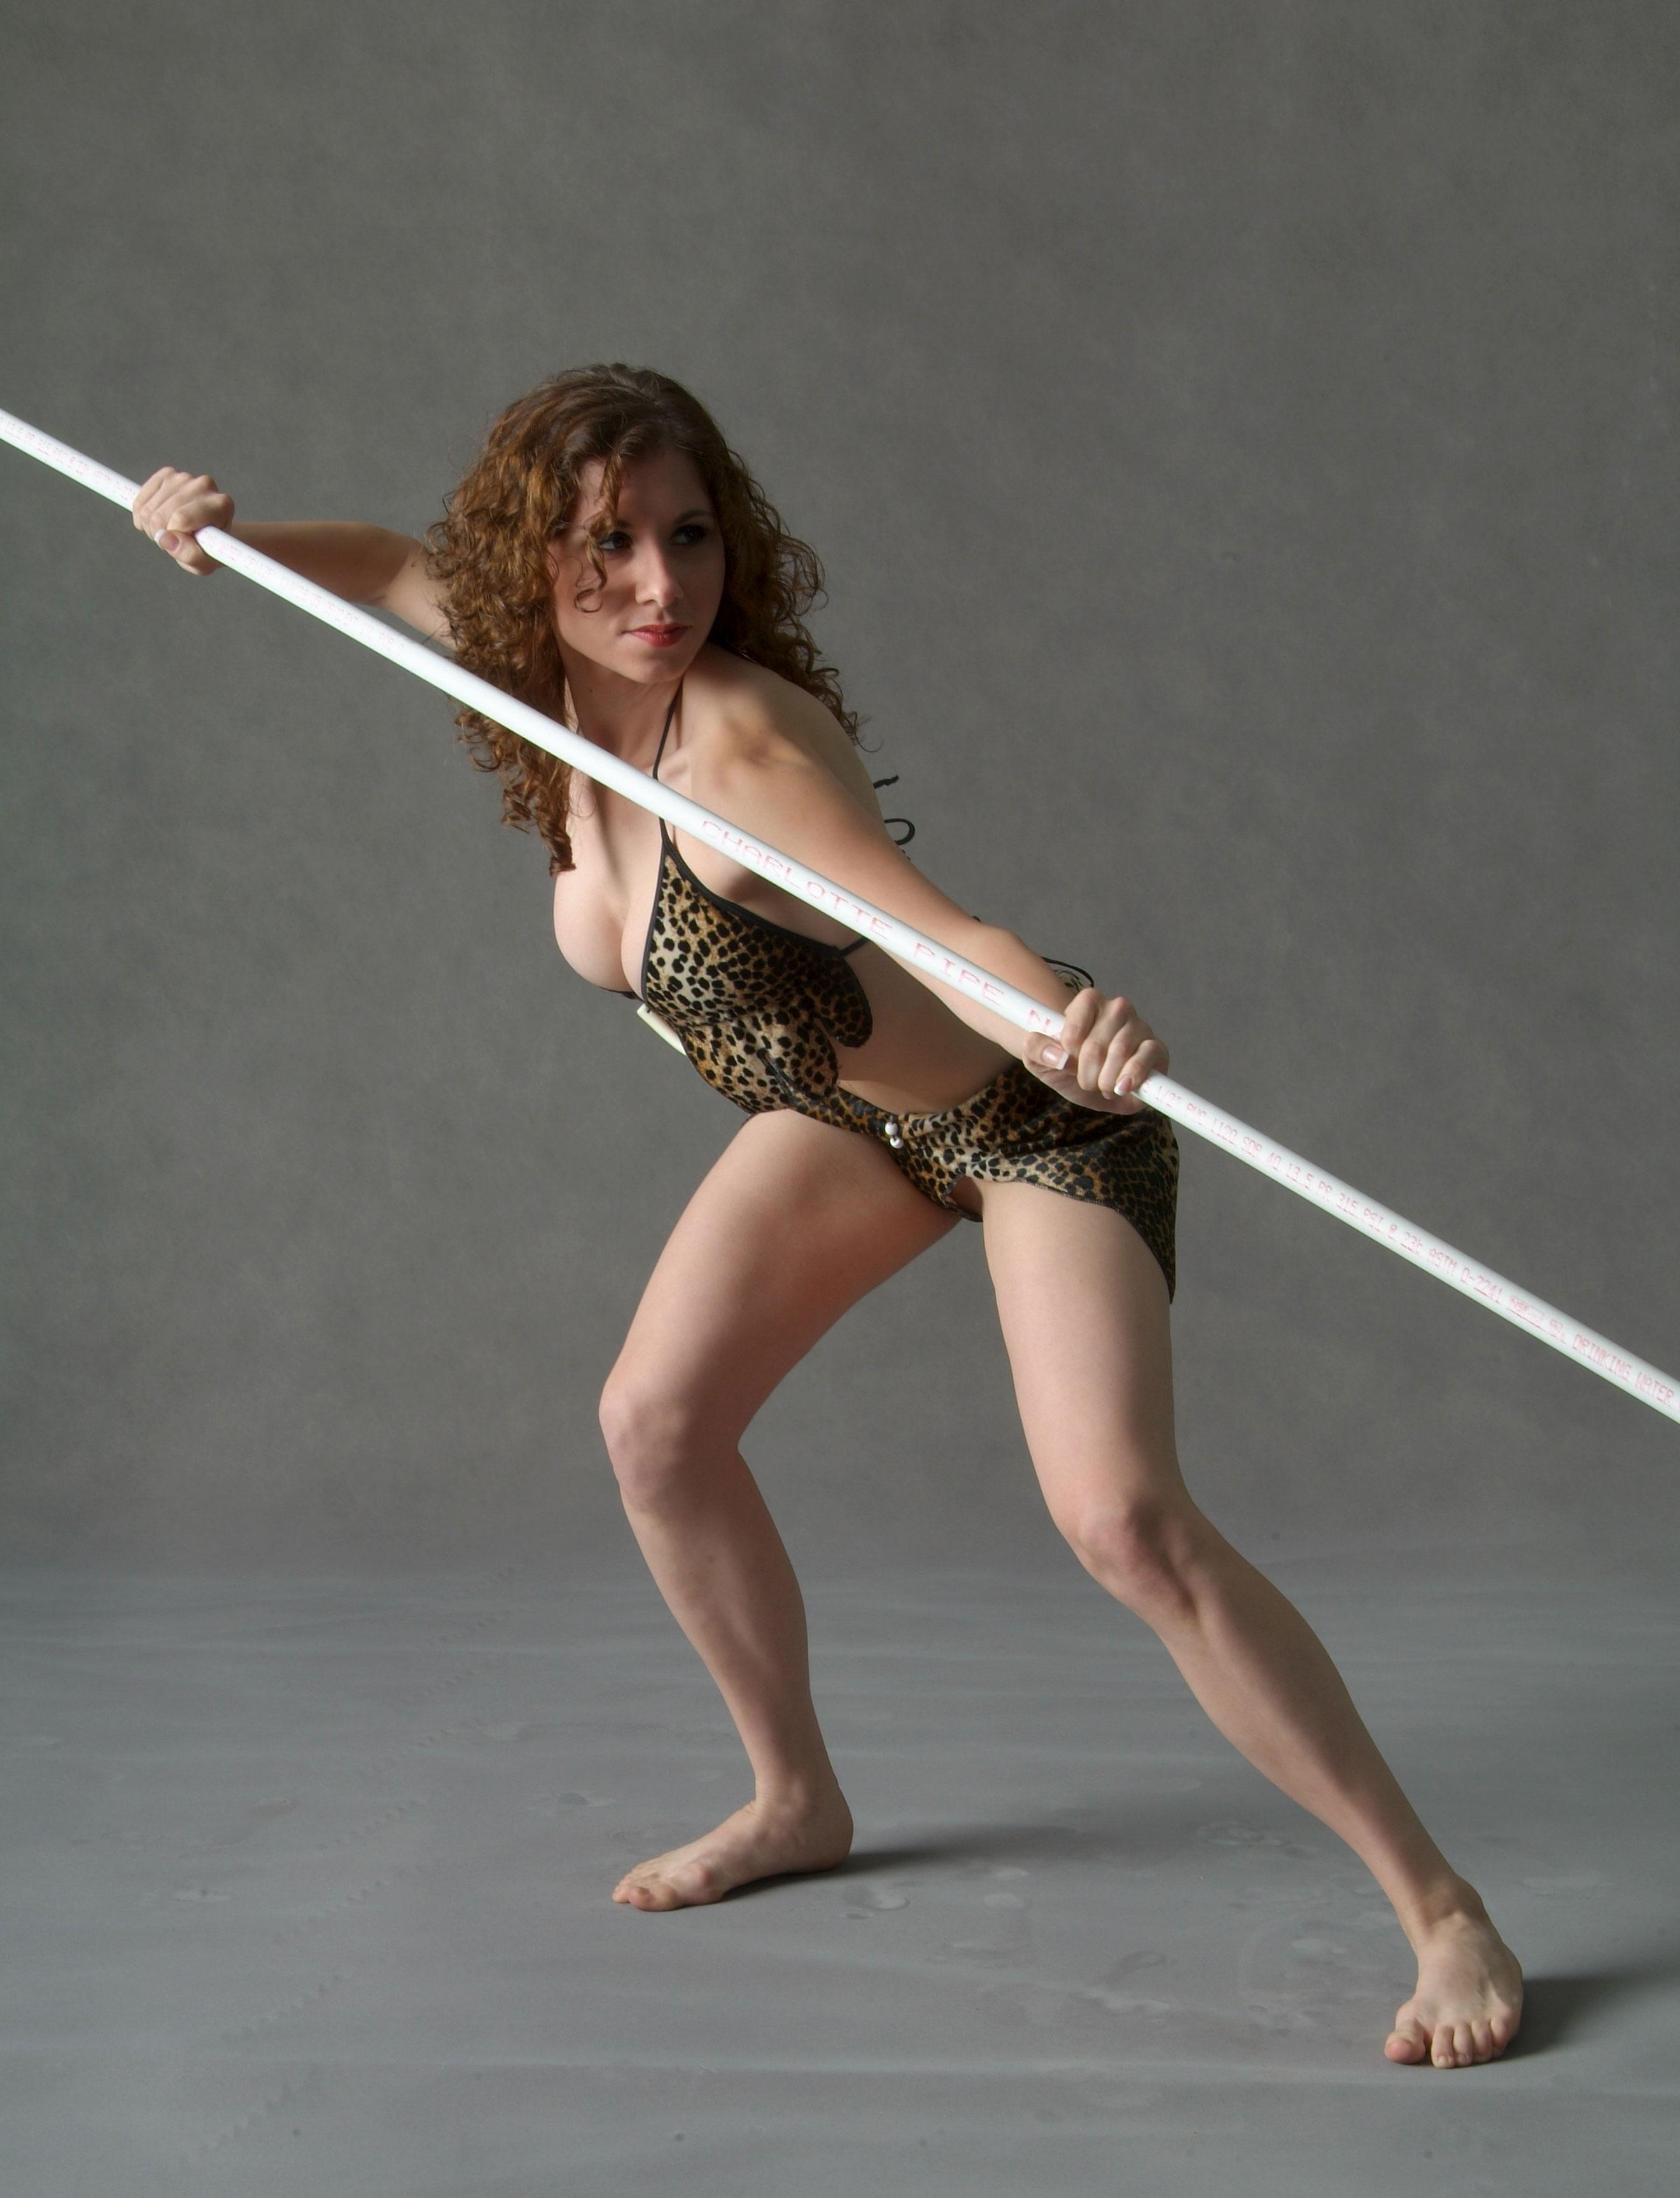 tribeswoman spearwoman warrior